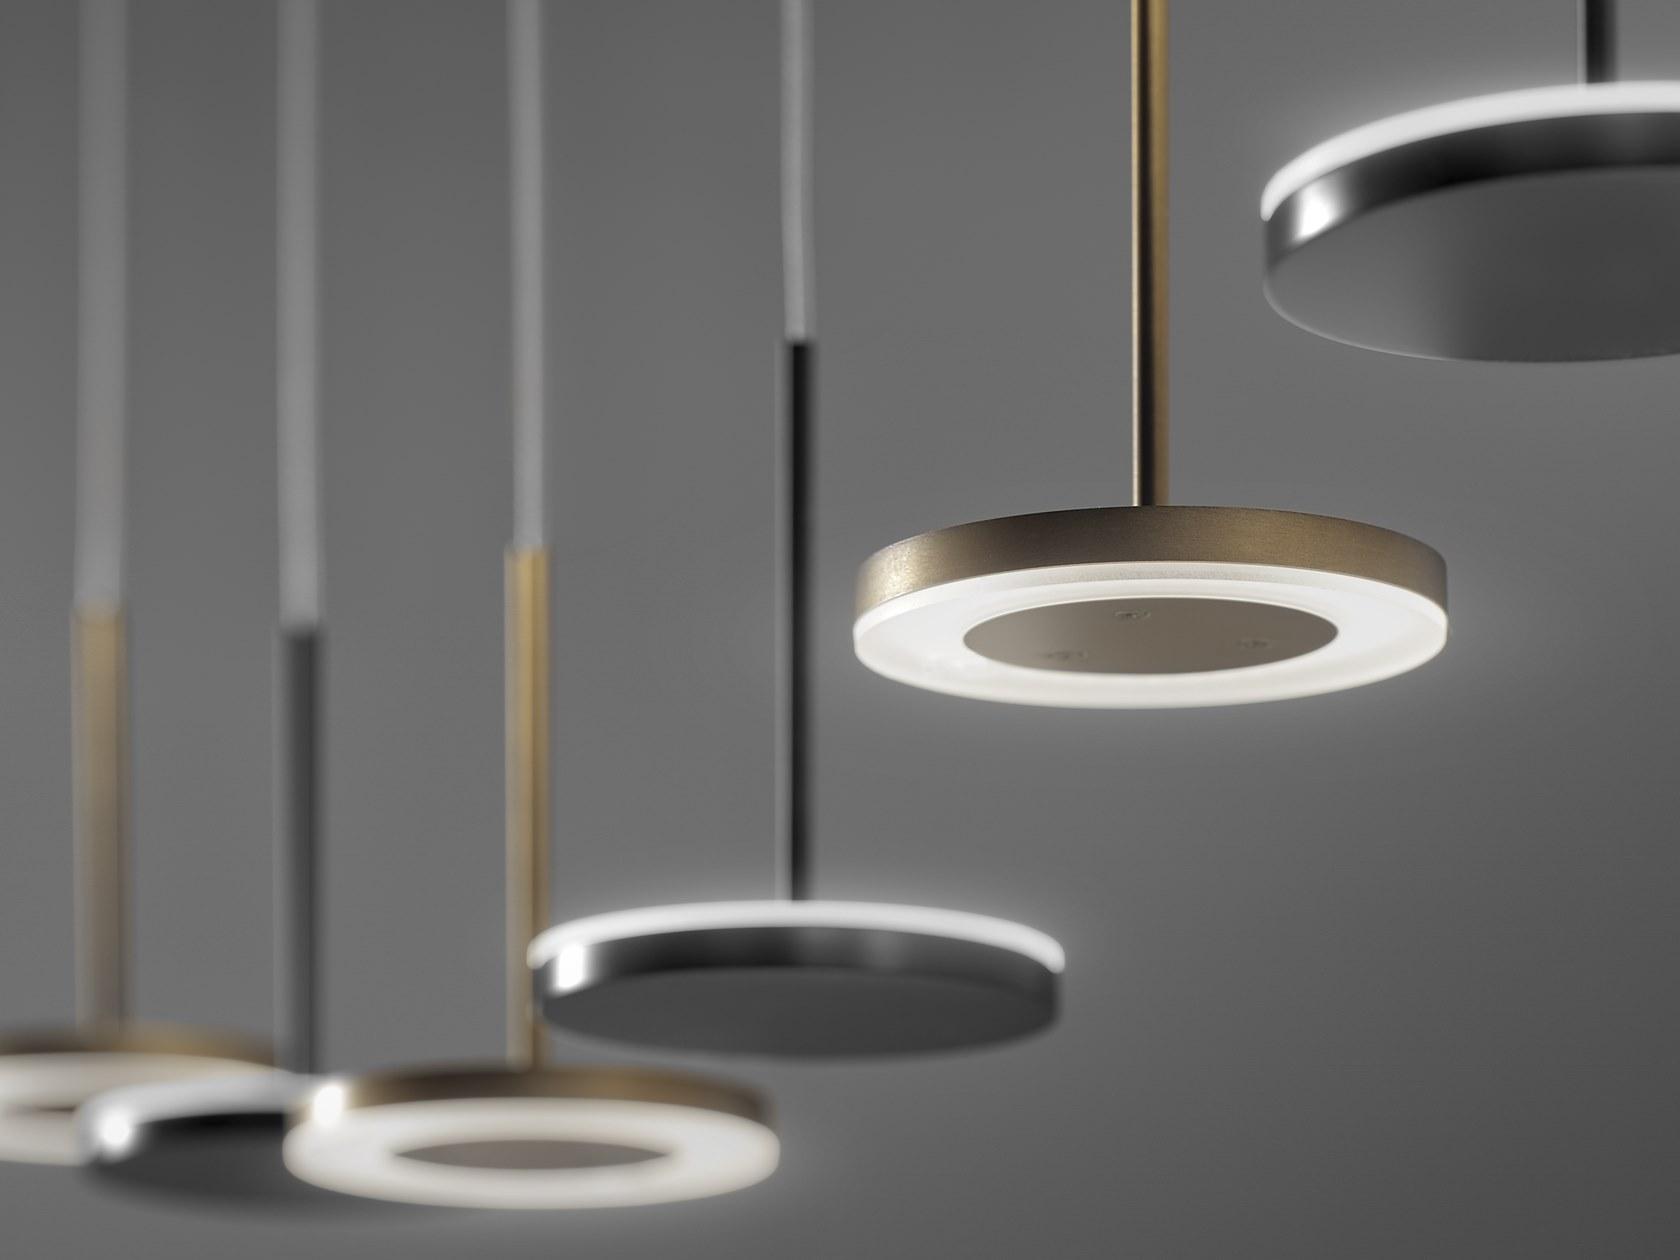 2b_pendant-lamp-panzeri-398064-rel4799f90d